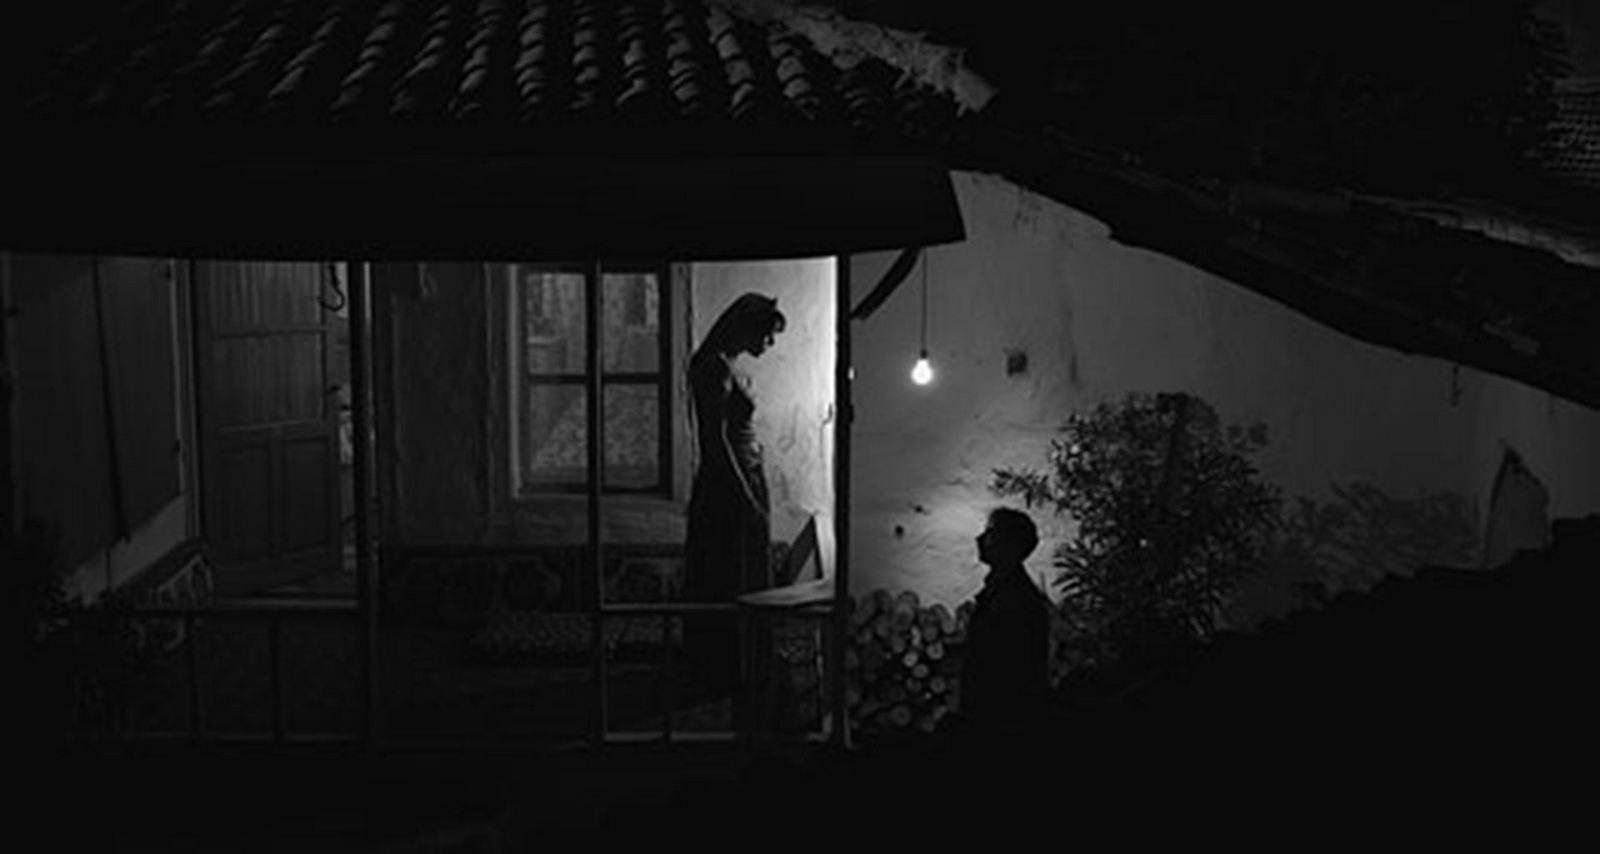 Sen Aydınlatırsın Geceyi 3.jpg